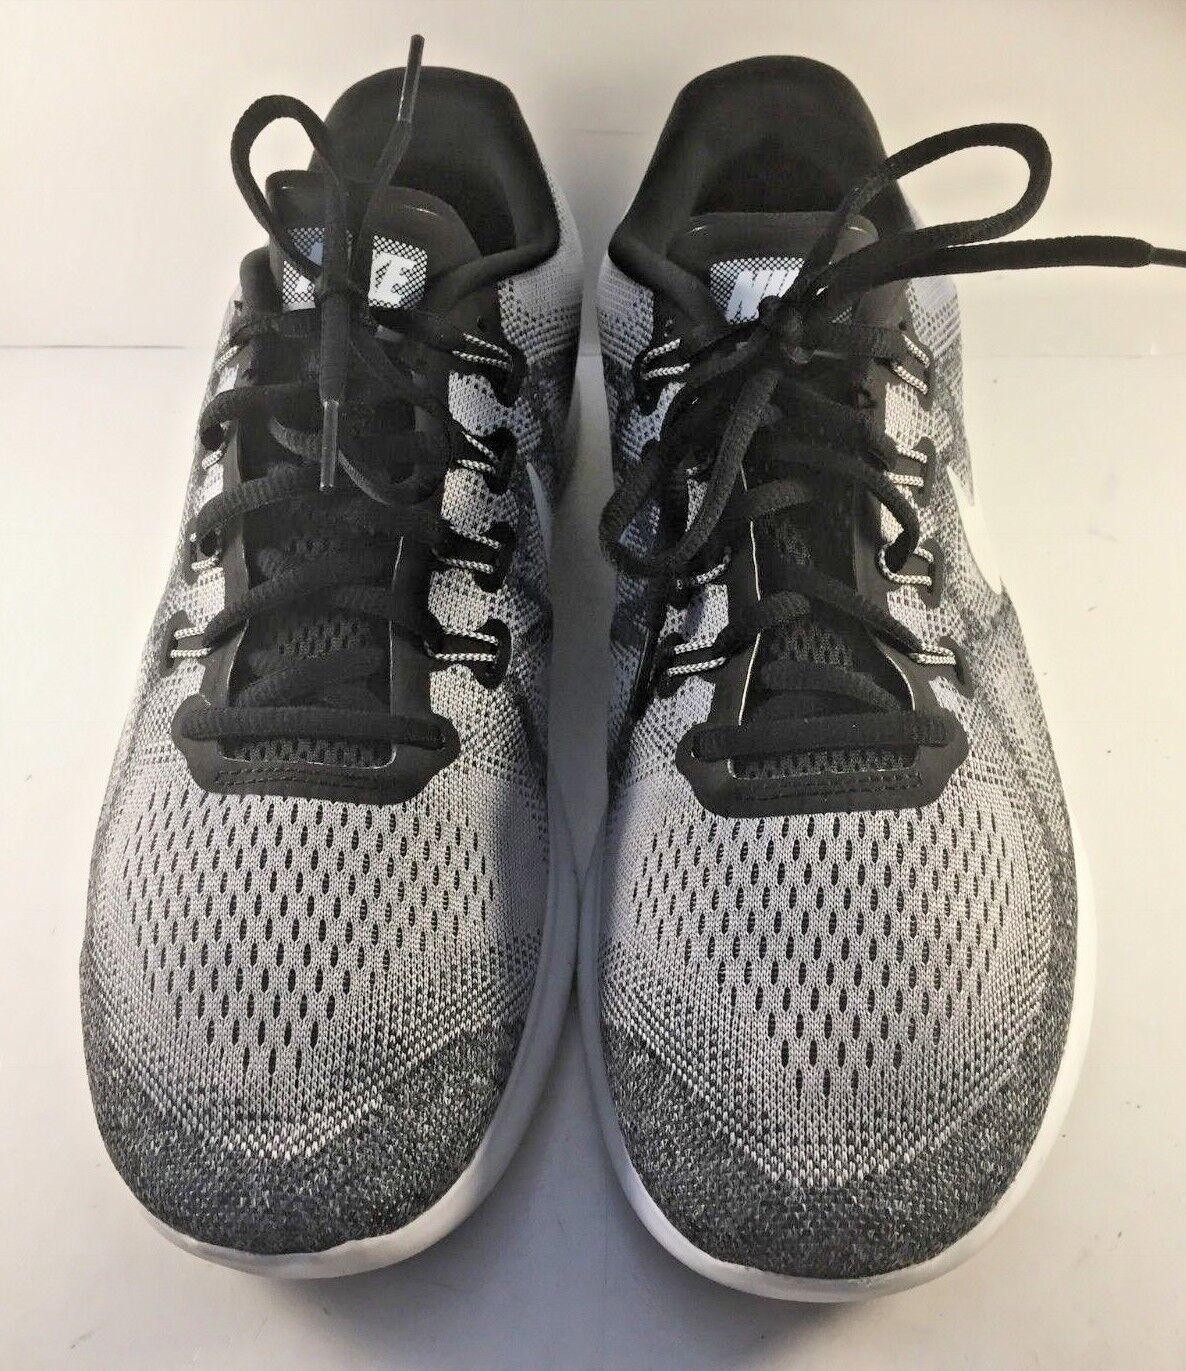 Nike Nike Nike Free RN 2017 Model Running Trainers Mens Size US 11.5M b1f691